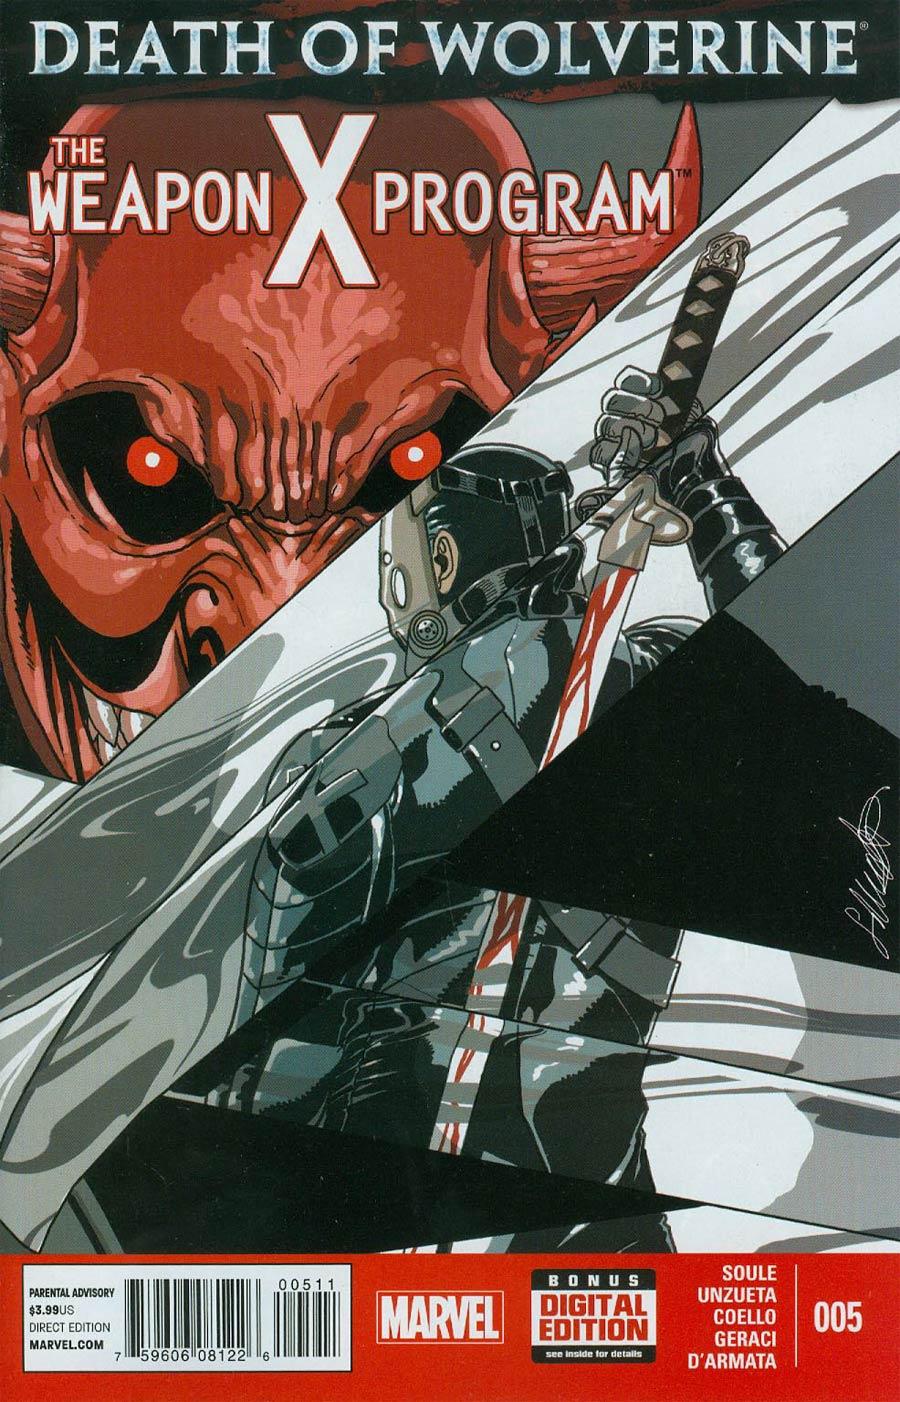 Death Of Wolverine Weapon X Program #5